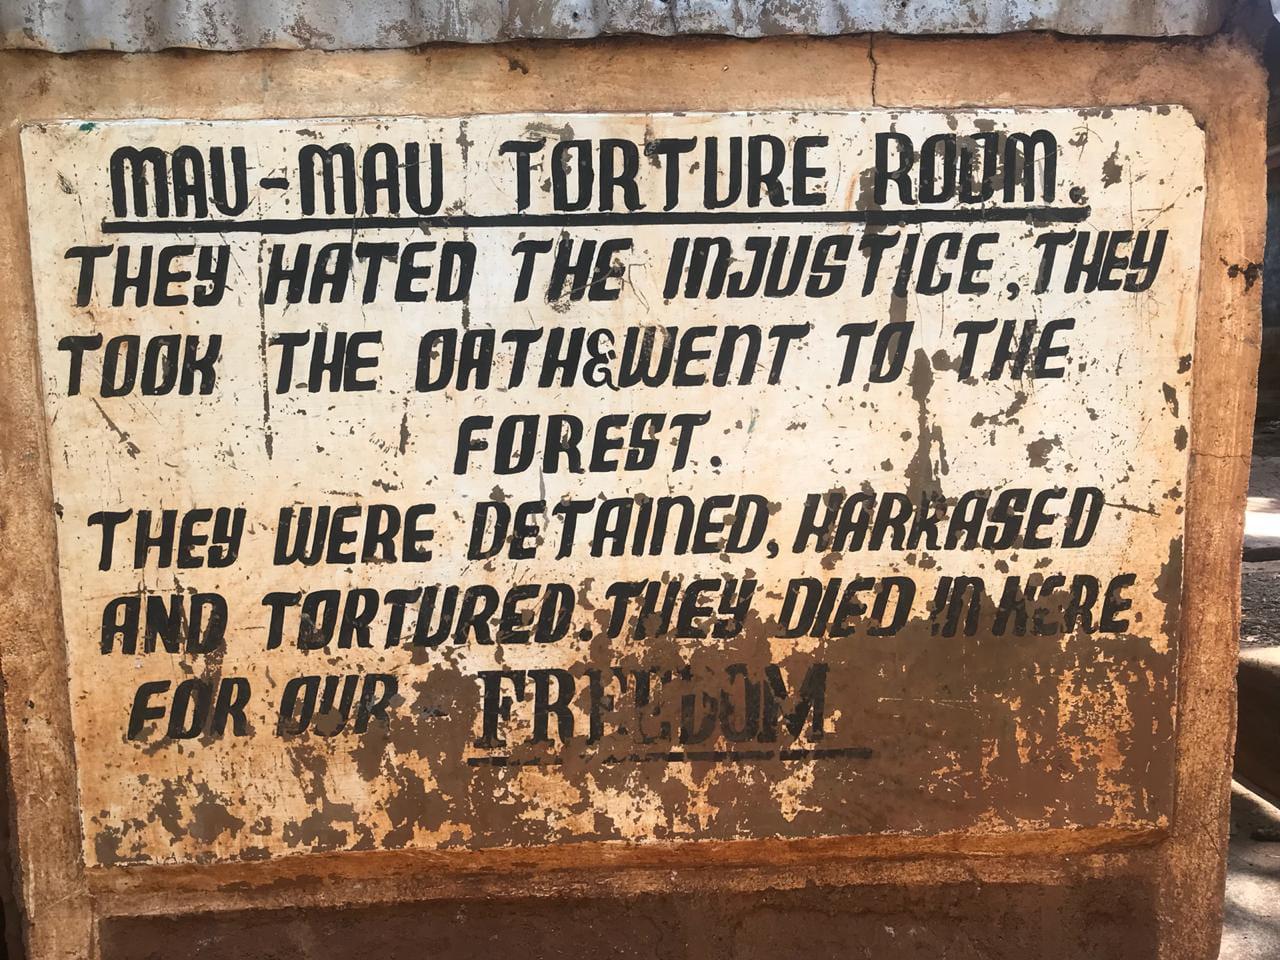 Mweru High school Mau Mau torture room 2.jpeg